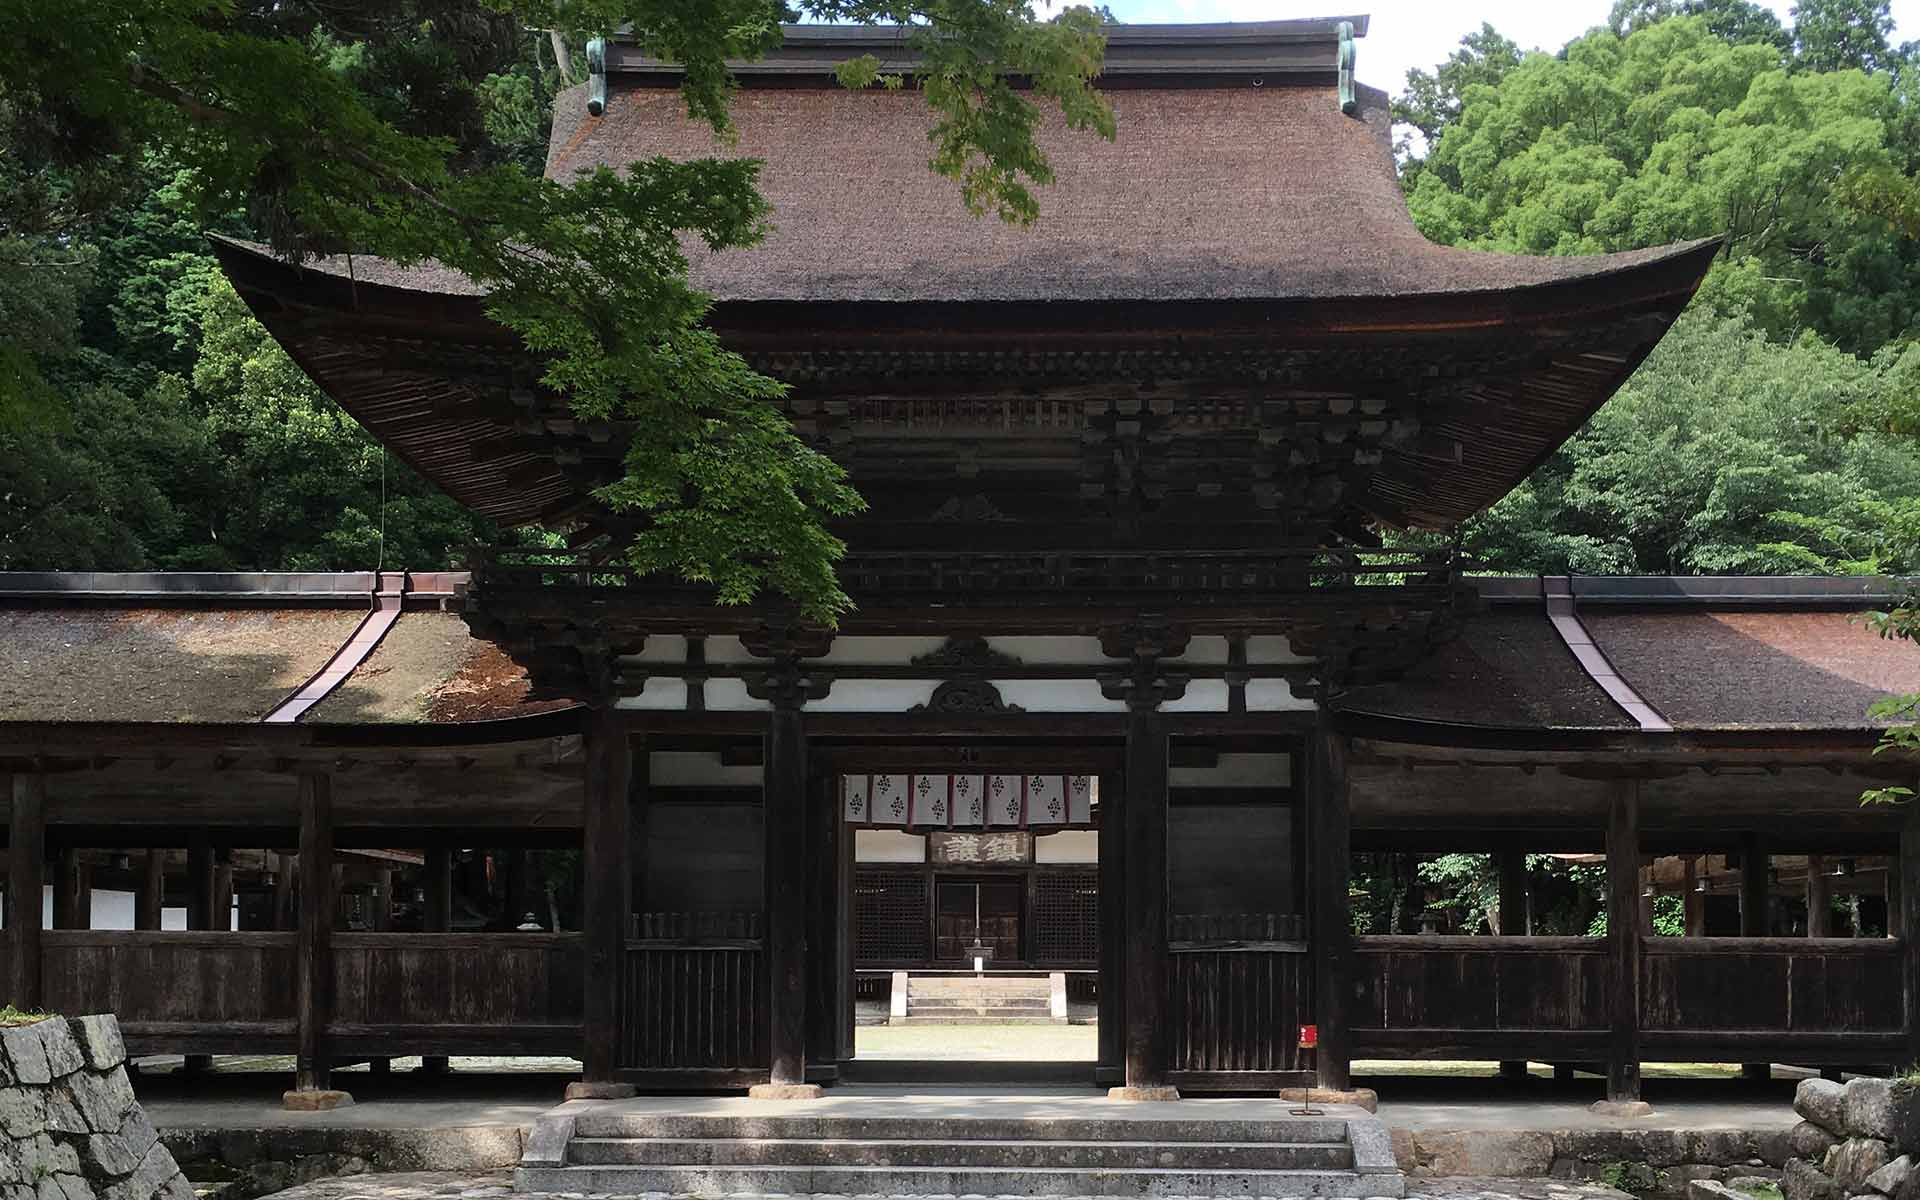 信楽「油日神社」プロの楽しみ方。アプローチから美しい名建築の魅力